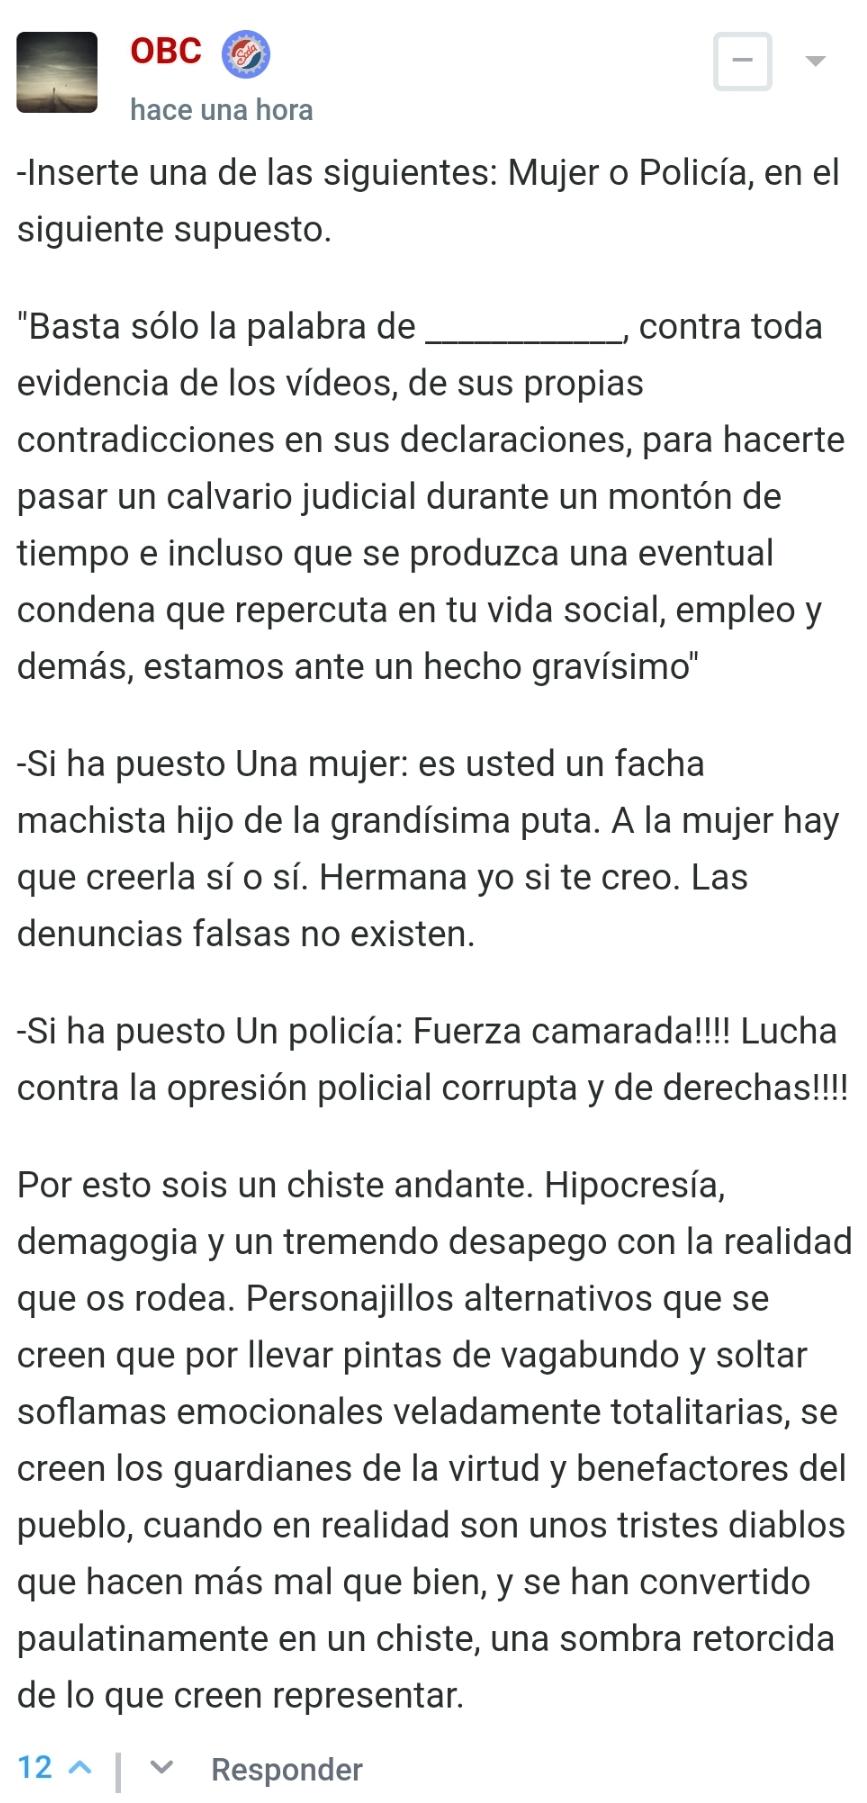 Por fin un diputado de Podemos habla alto y claro de la infame ley de vioIencia de género